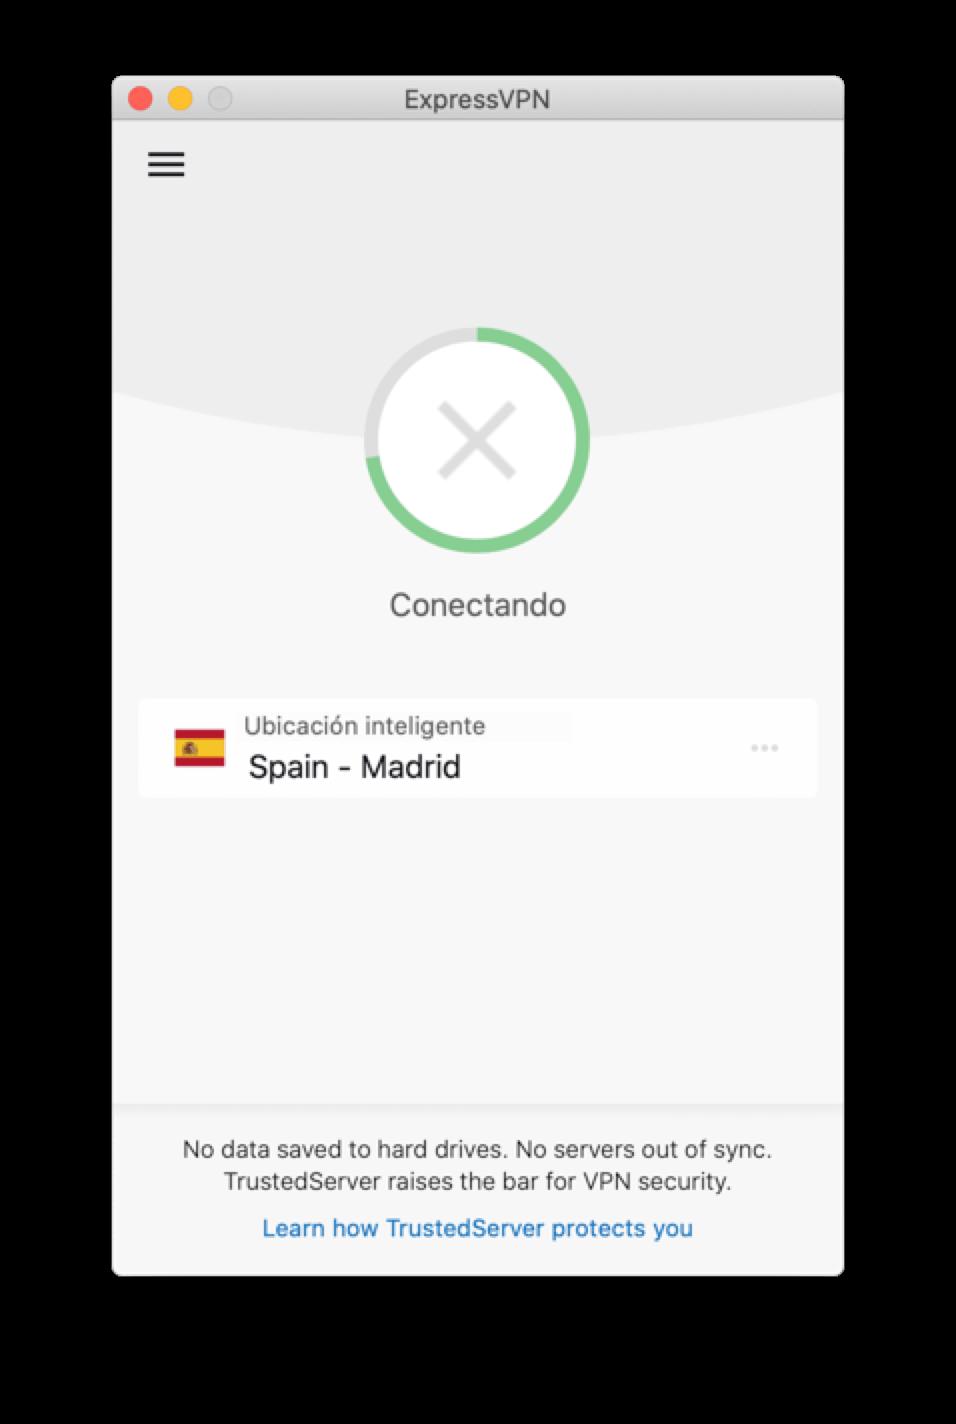 La aplicación de ExpressVPN se atasca al intentar conectarse.